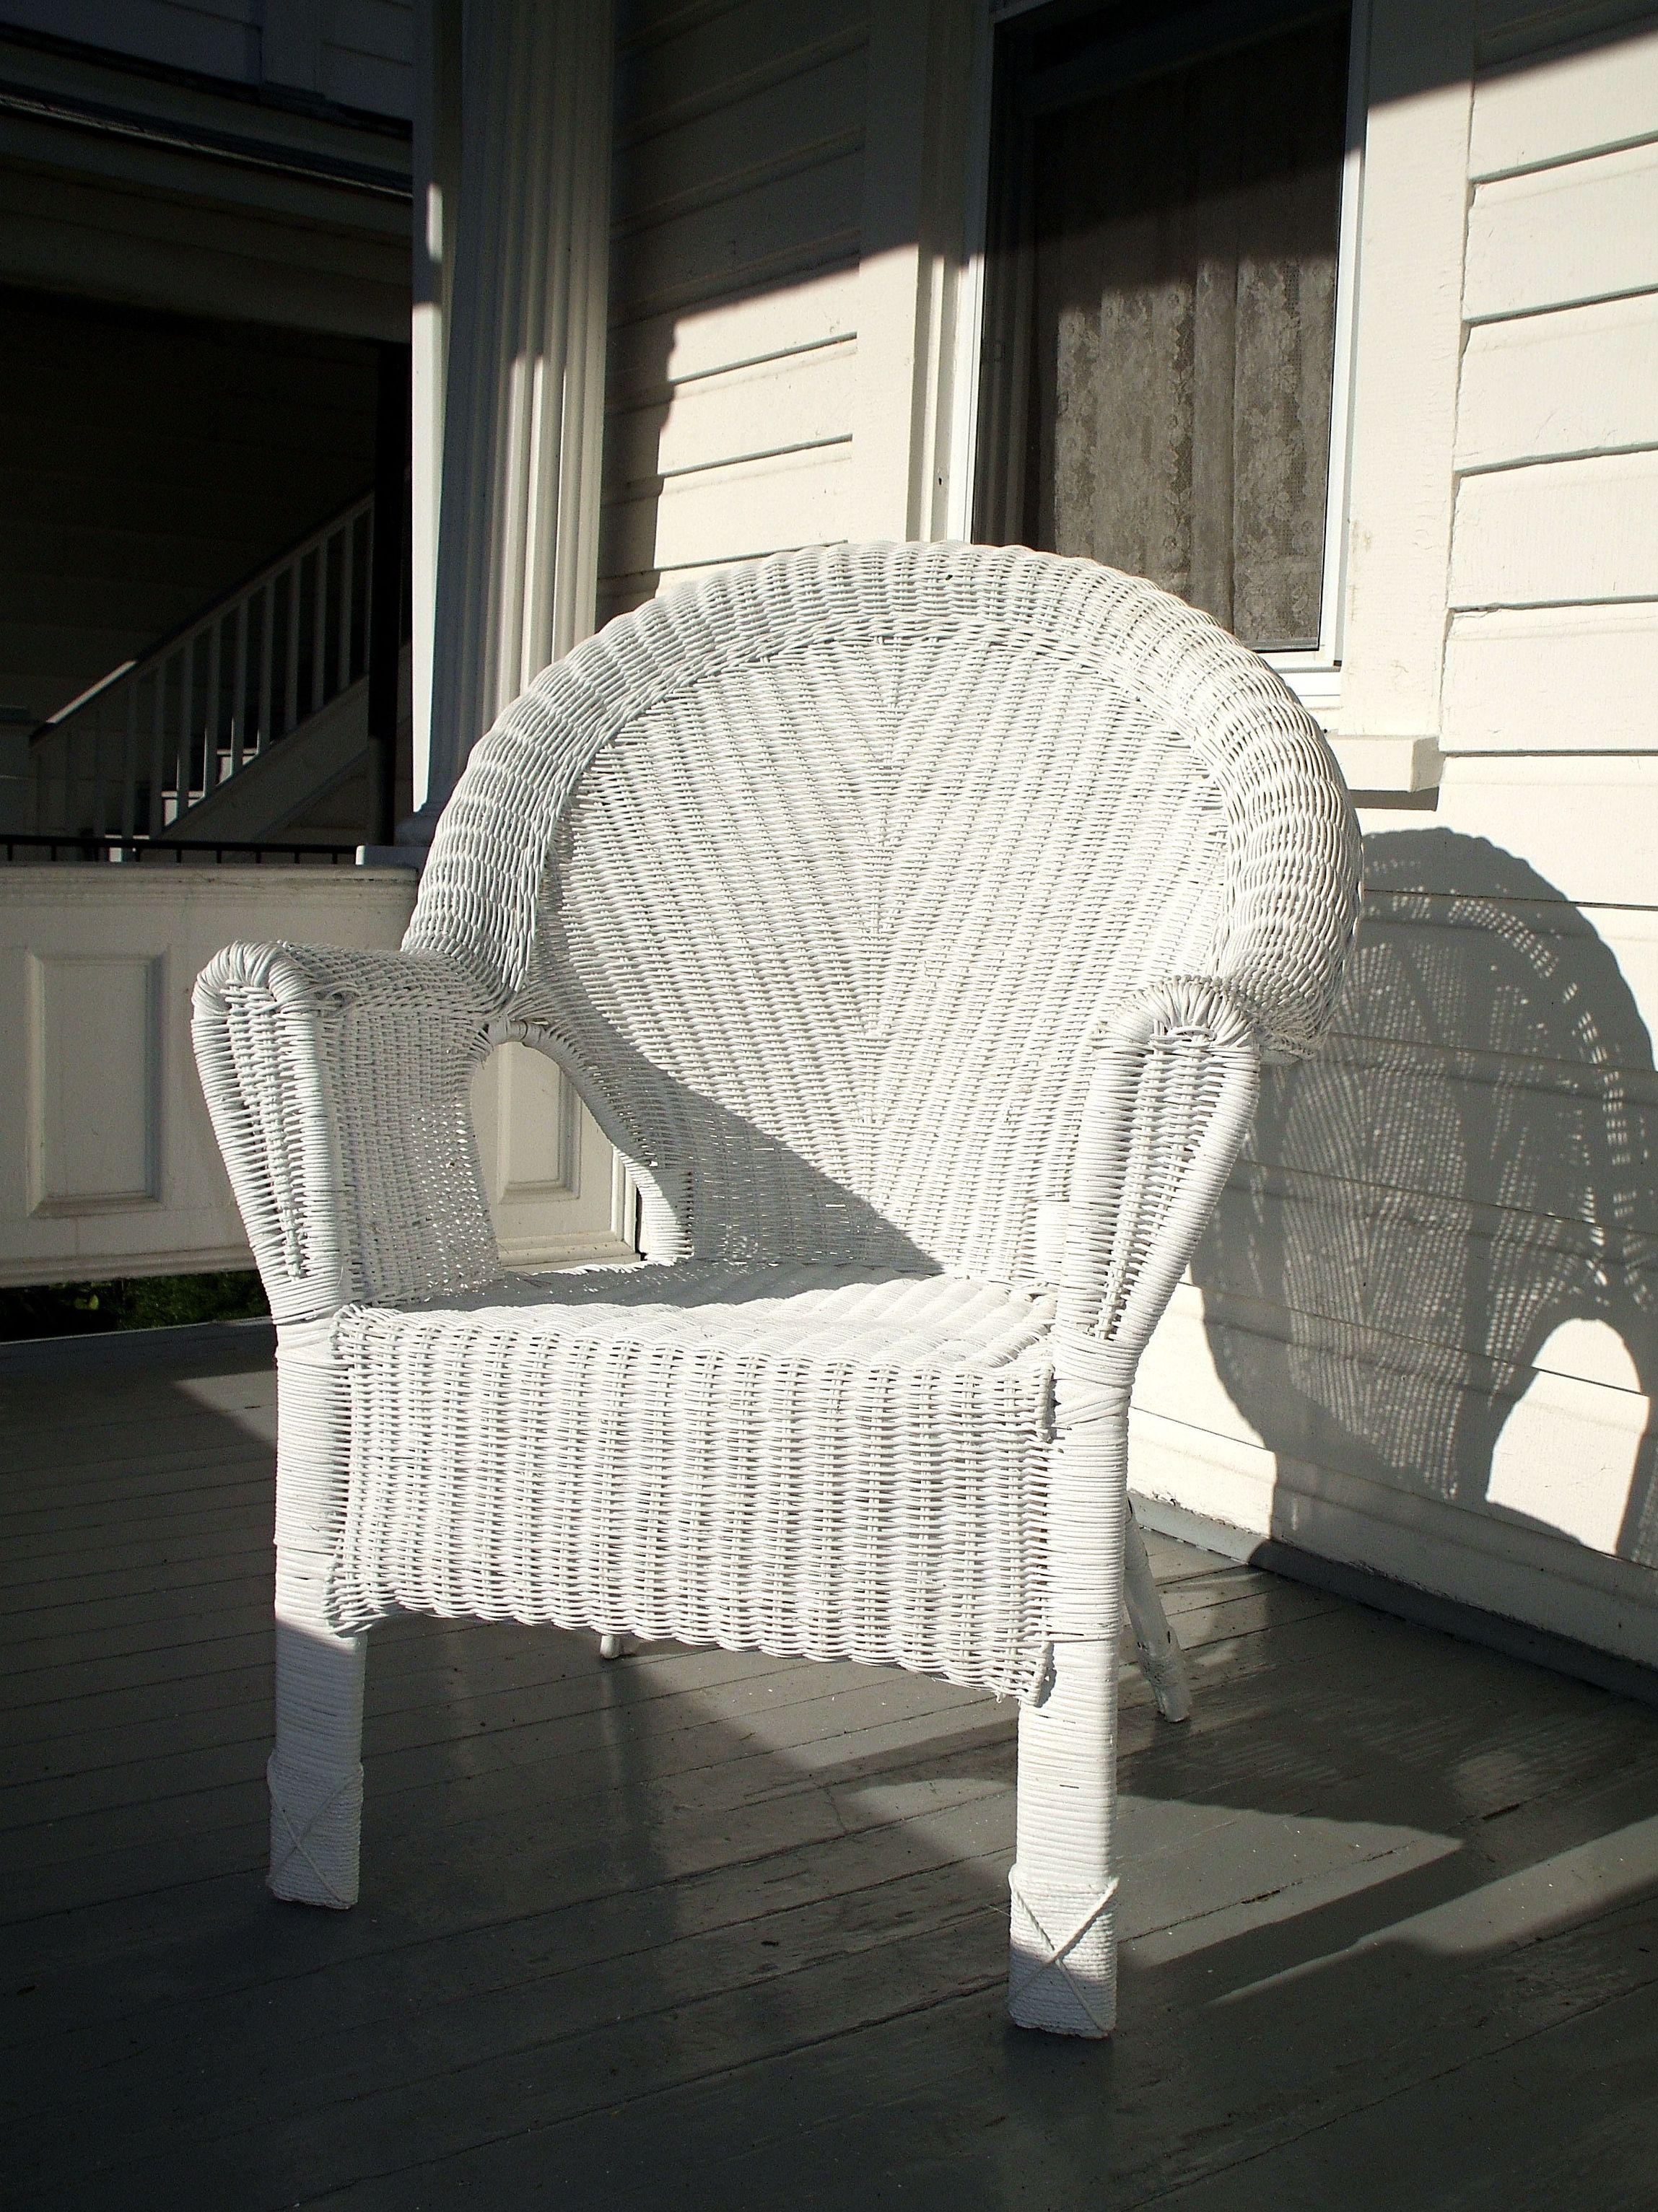 Reparación de muebles de mimbre y caña